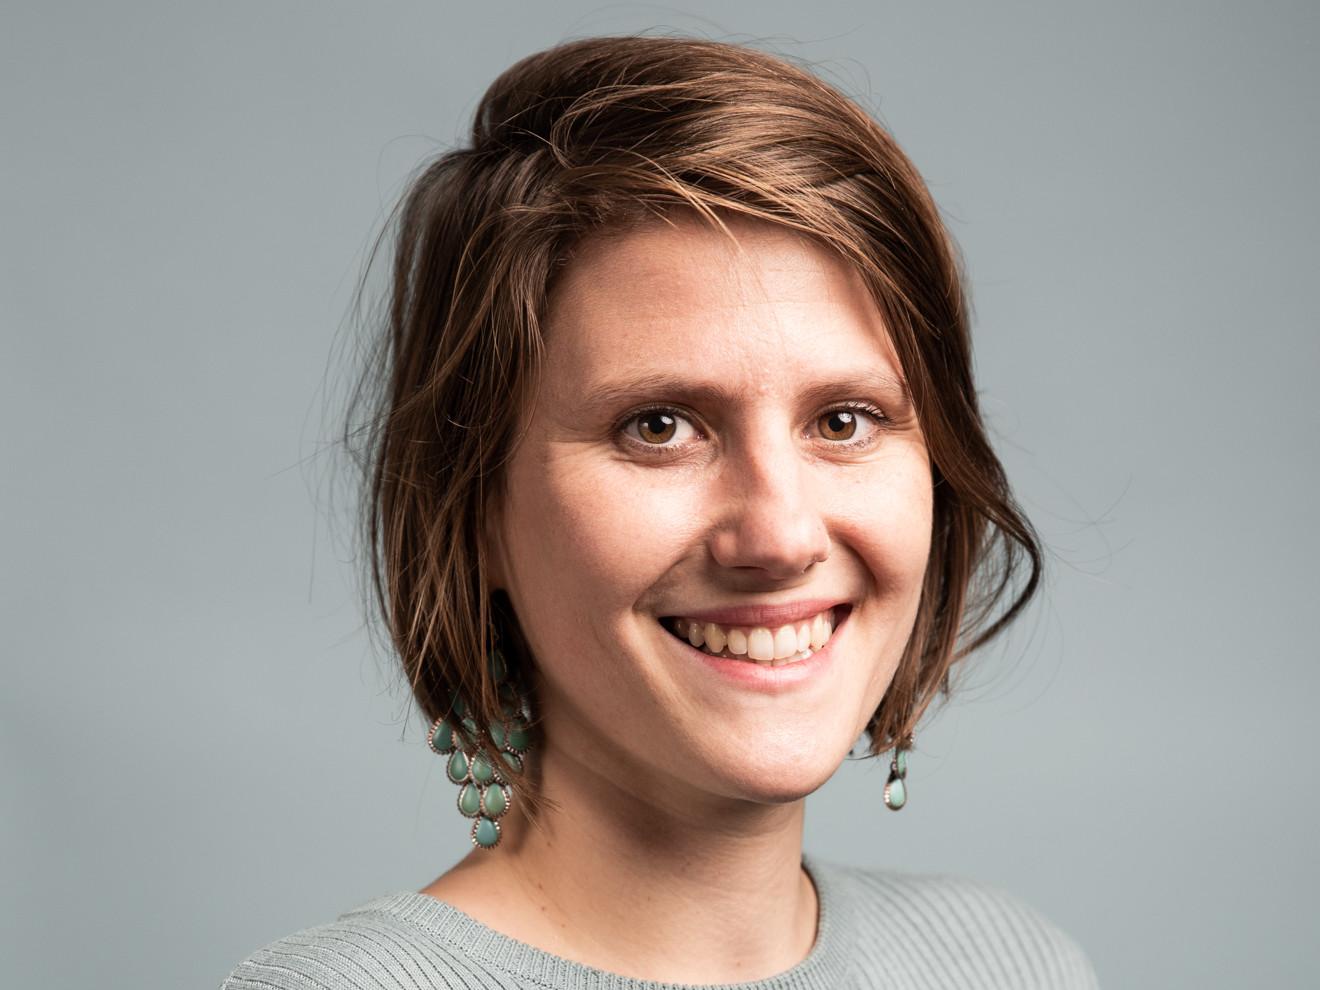 Le mouvement écologiste et populaire #NousSommes choisit Alenka Doulain comme tête de liste